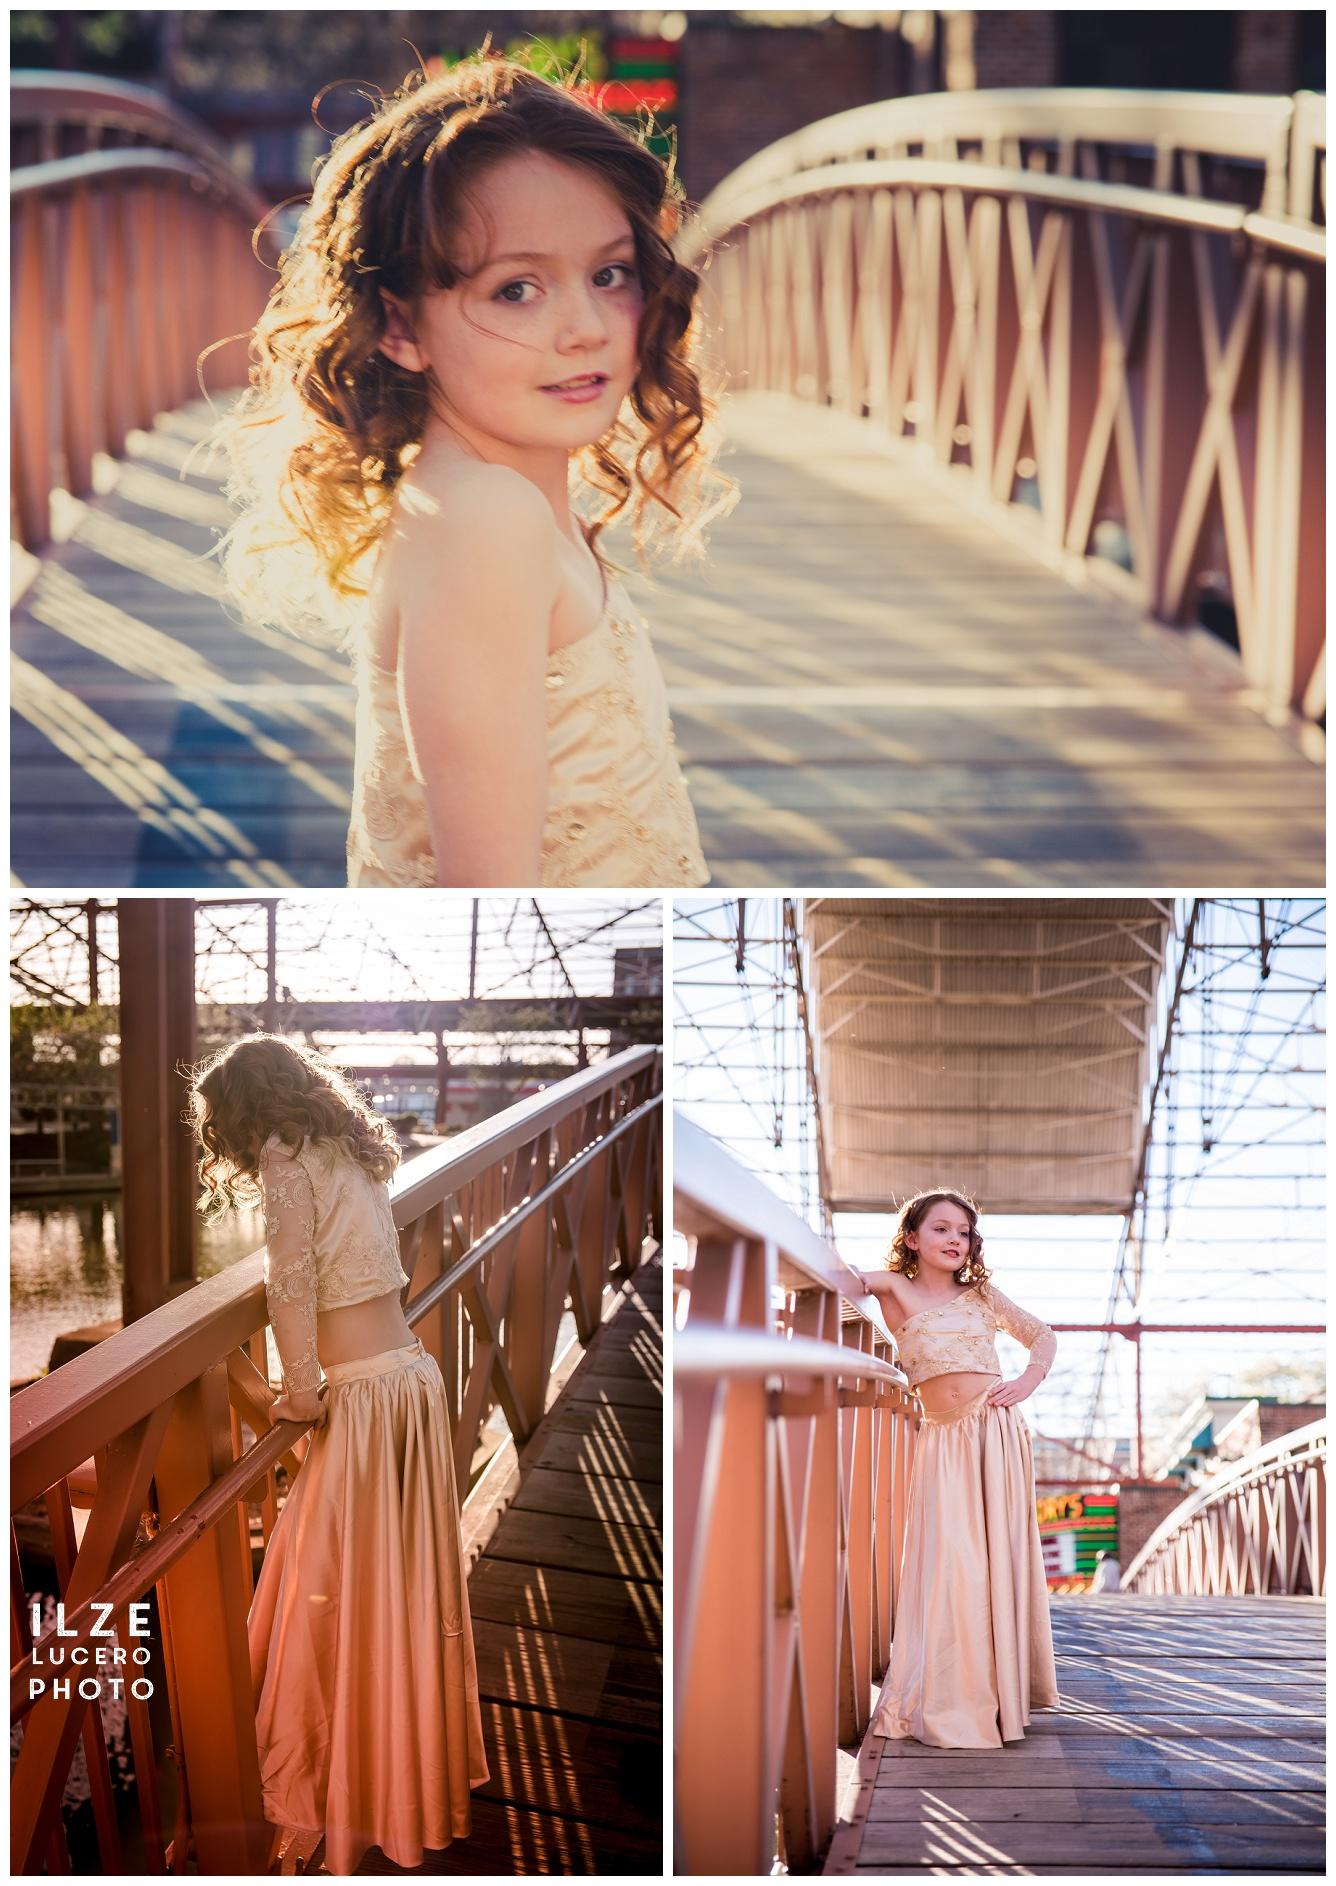 young model - fun fashion shoot